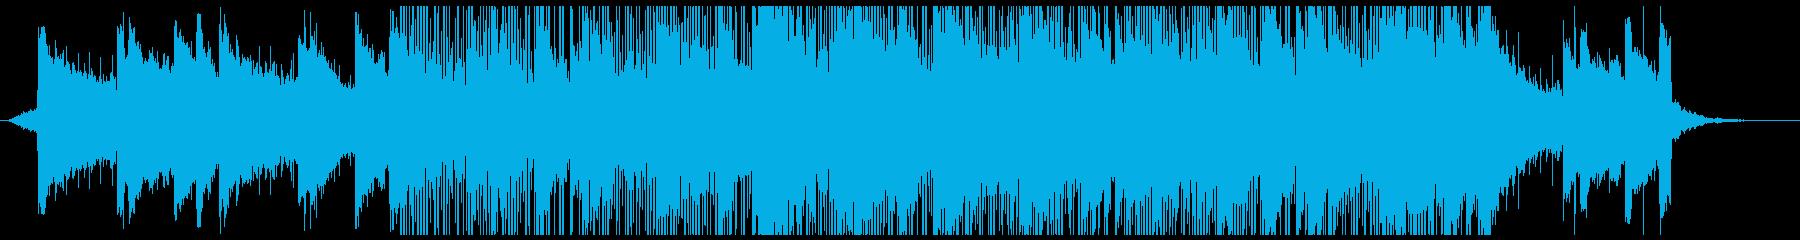 実験的な 緊張感 ワイルド 暗い ...の再生済みの波形